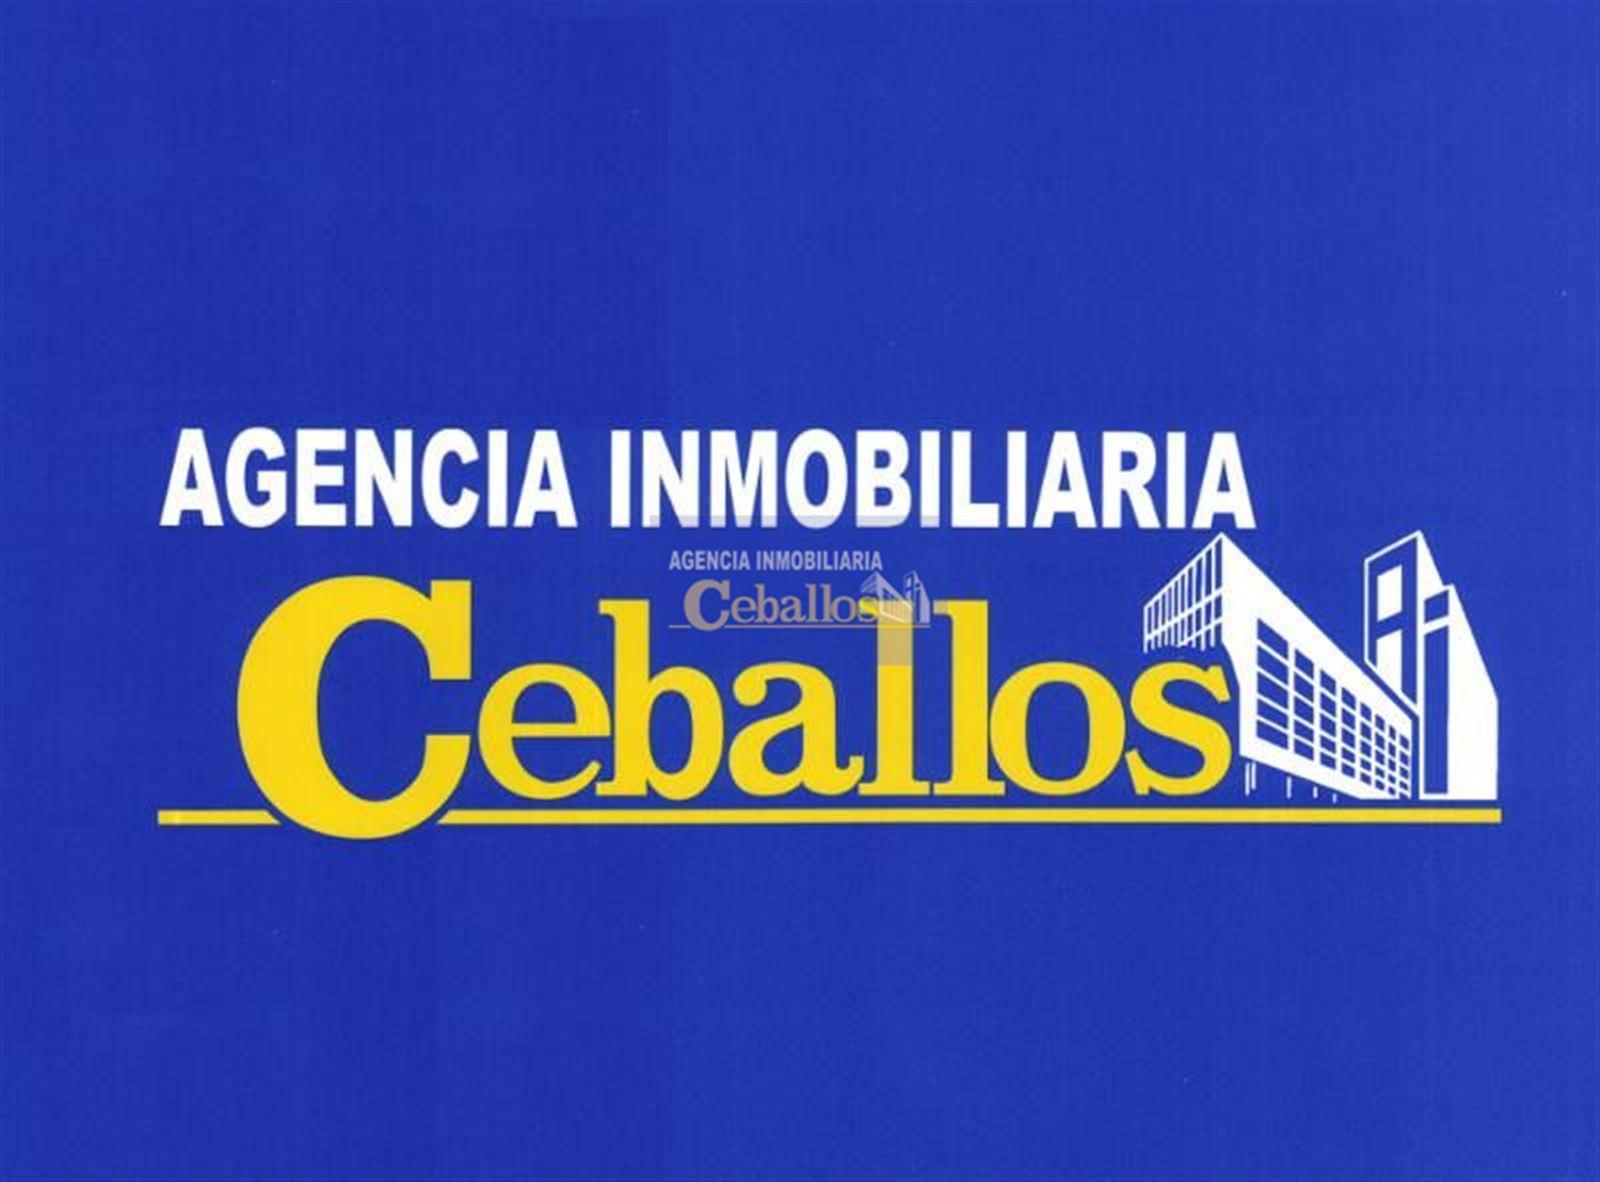 CASA. RENERA